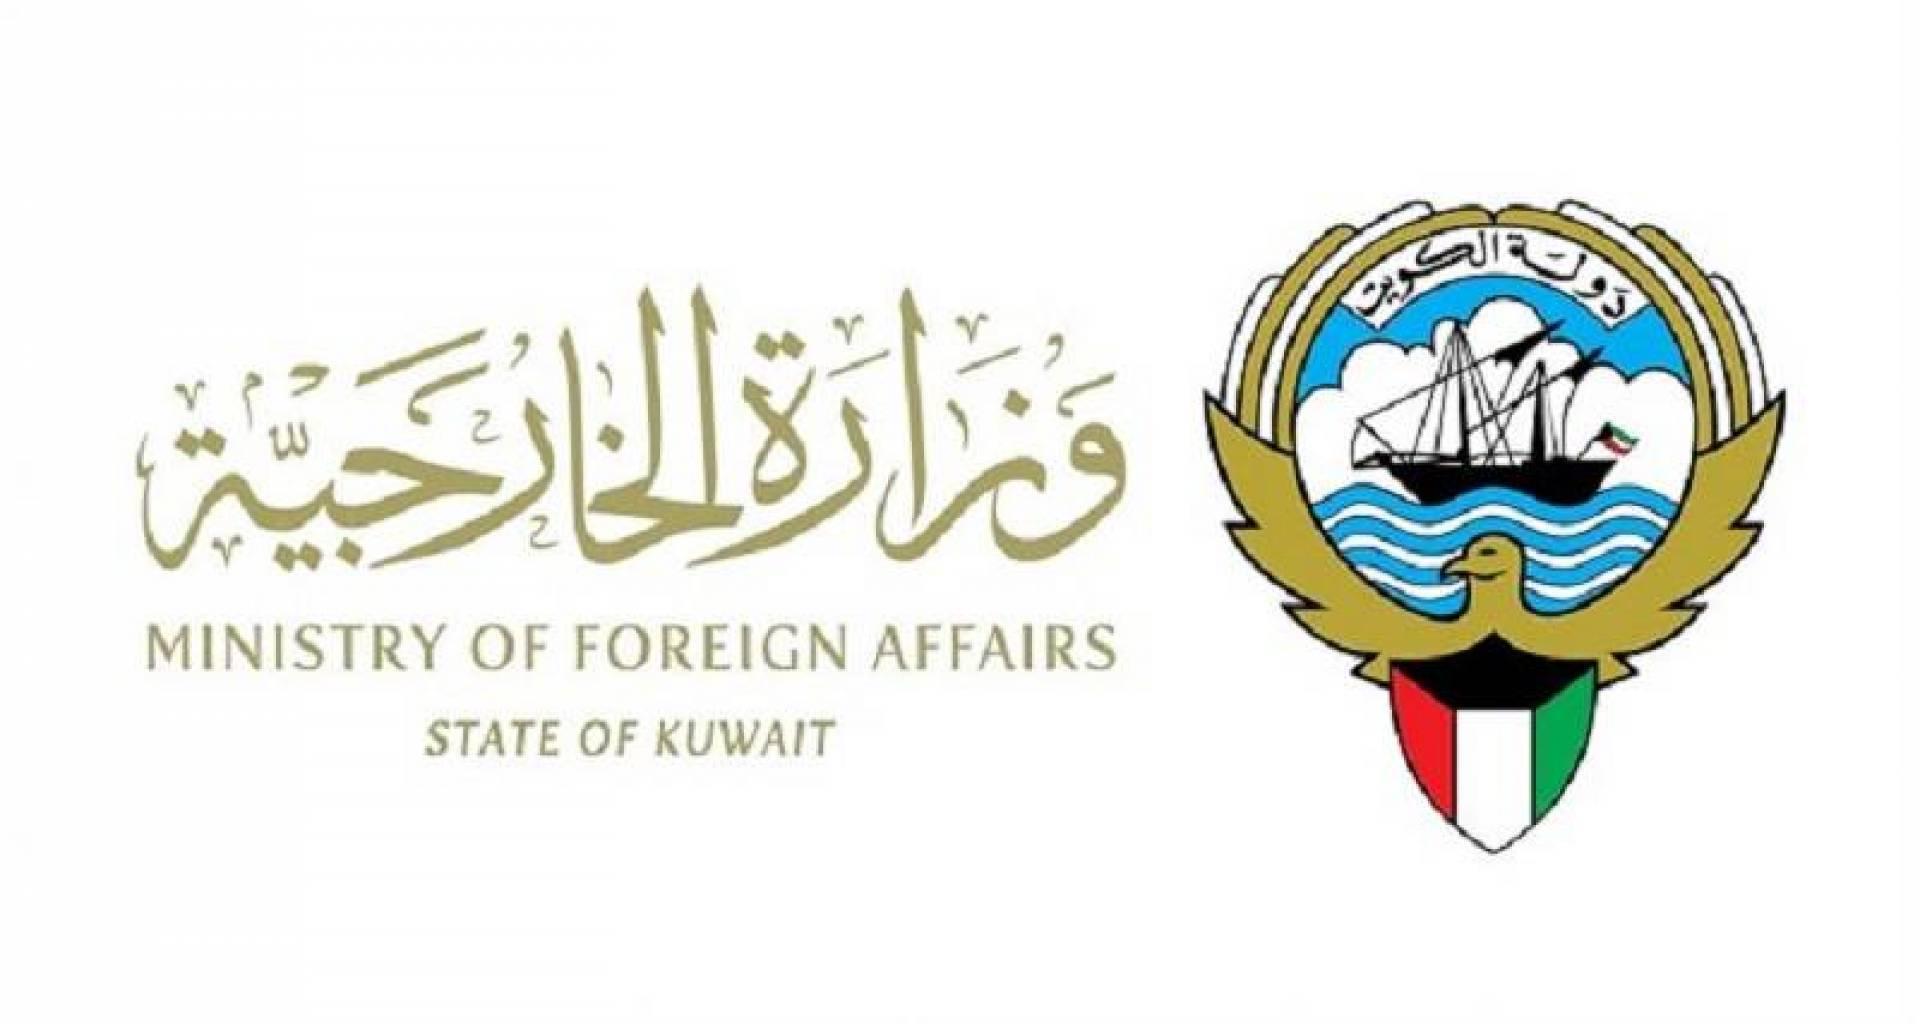 «الخارجية» الكويتية: الحل العادل والشامل للقضية الفلسطينية لا يتحقق إلا بالالتزام بقرارات الشرعية